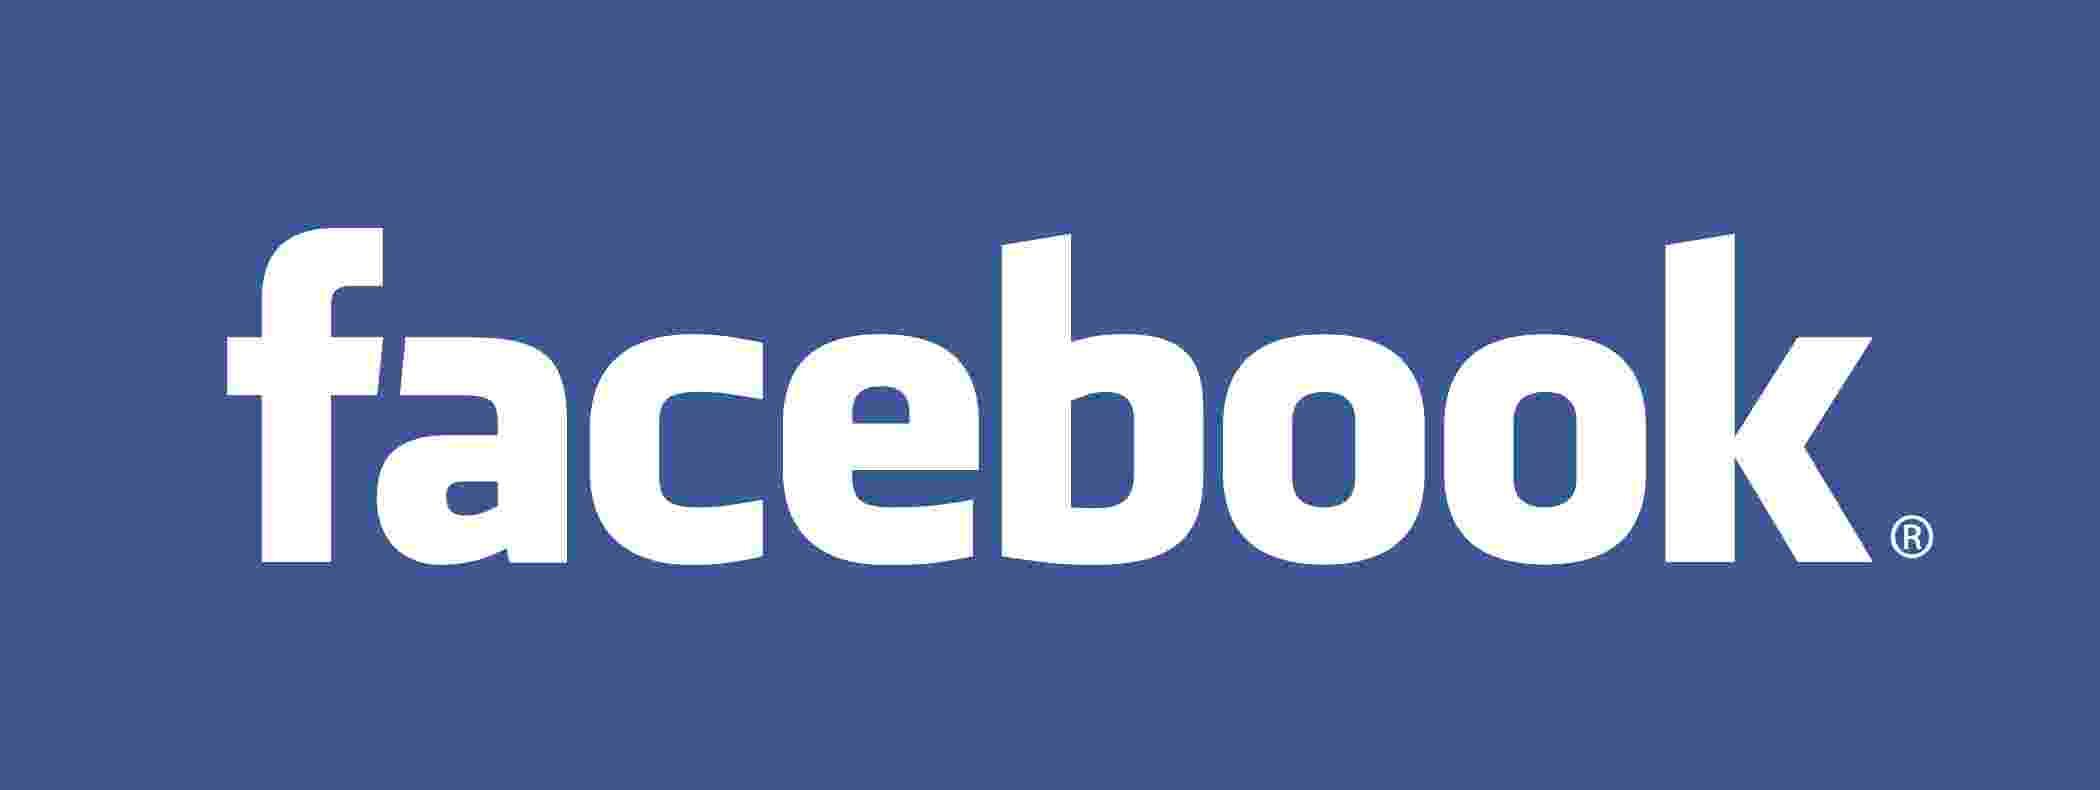 facebook pic - Facebook: da social network a titolo Nasdaq